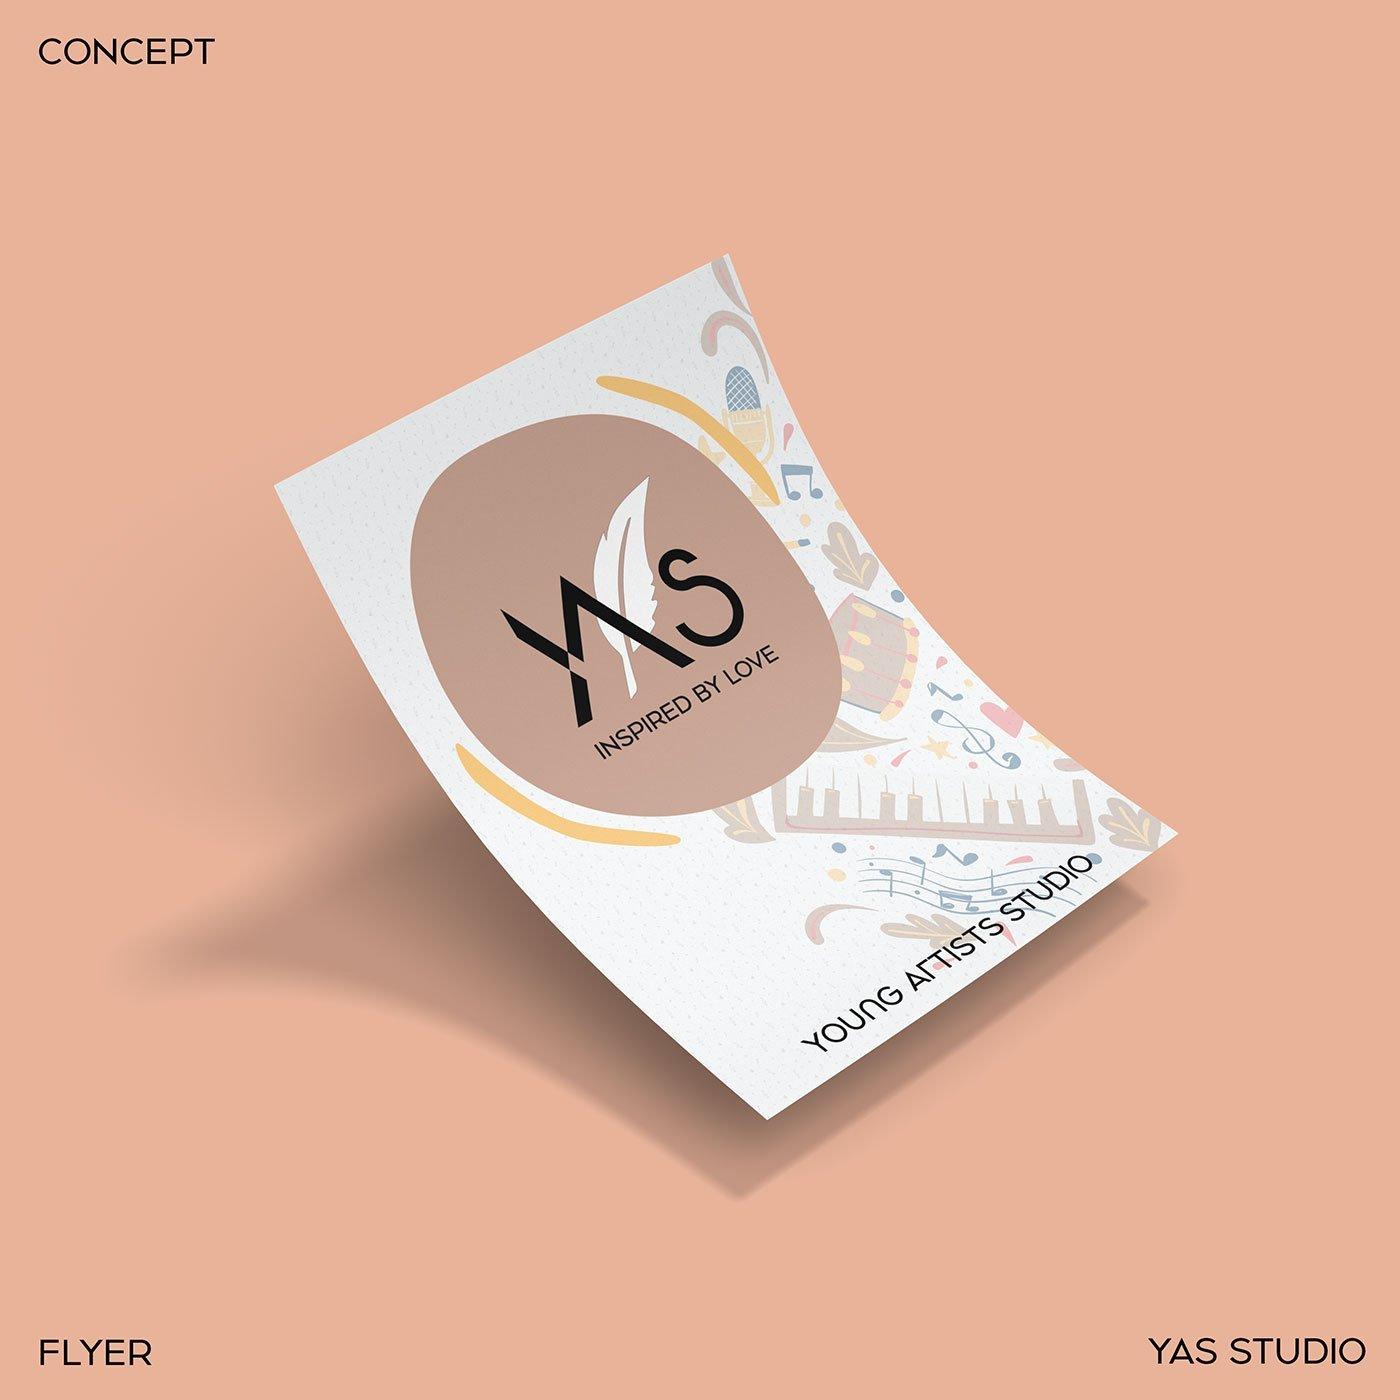 tờ rơi flyer YAS Young Artists Studio-quảng-bá-thương-hiệu-thiết-kế-branding-cho-thương-hiệu YAS-xây-dựng-logo-doanh-nghiệp-thiết-kế-ấn-phẩm-quảng-cáo-thương-hiệu-thiết-kế-Helixgram